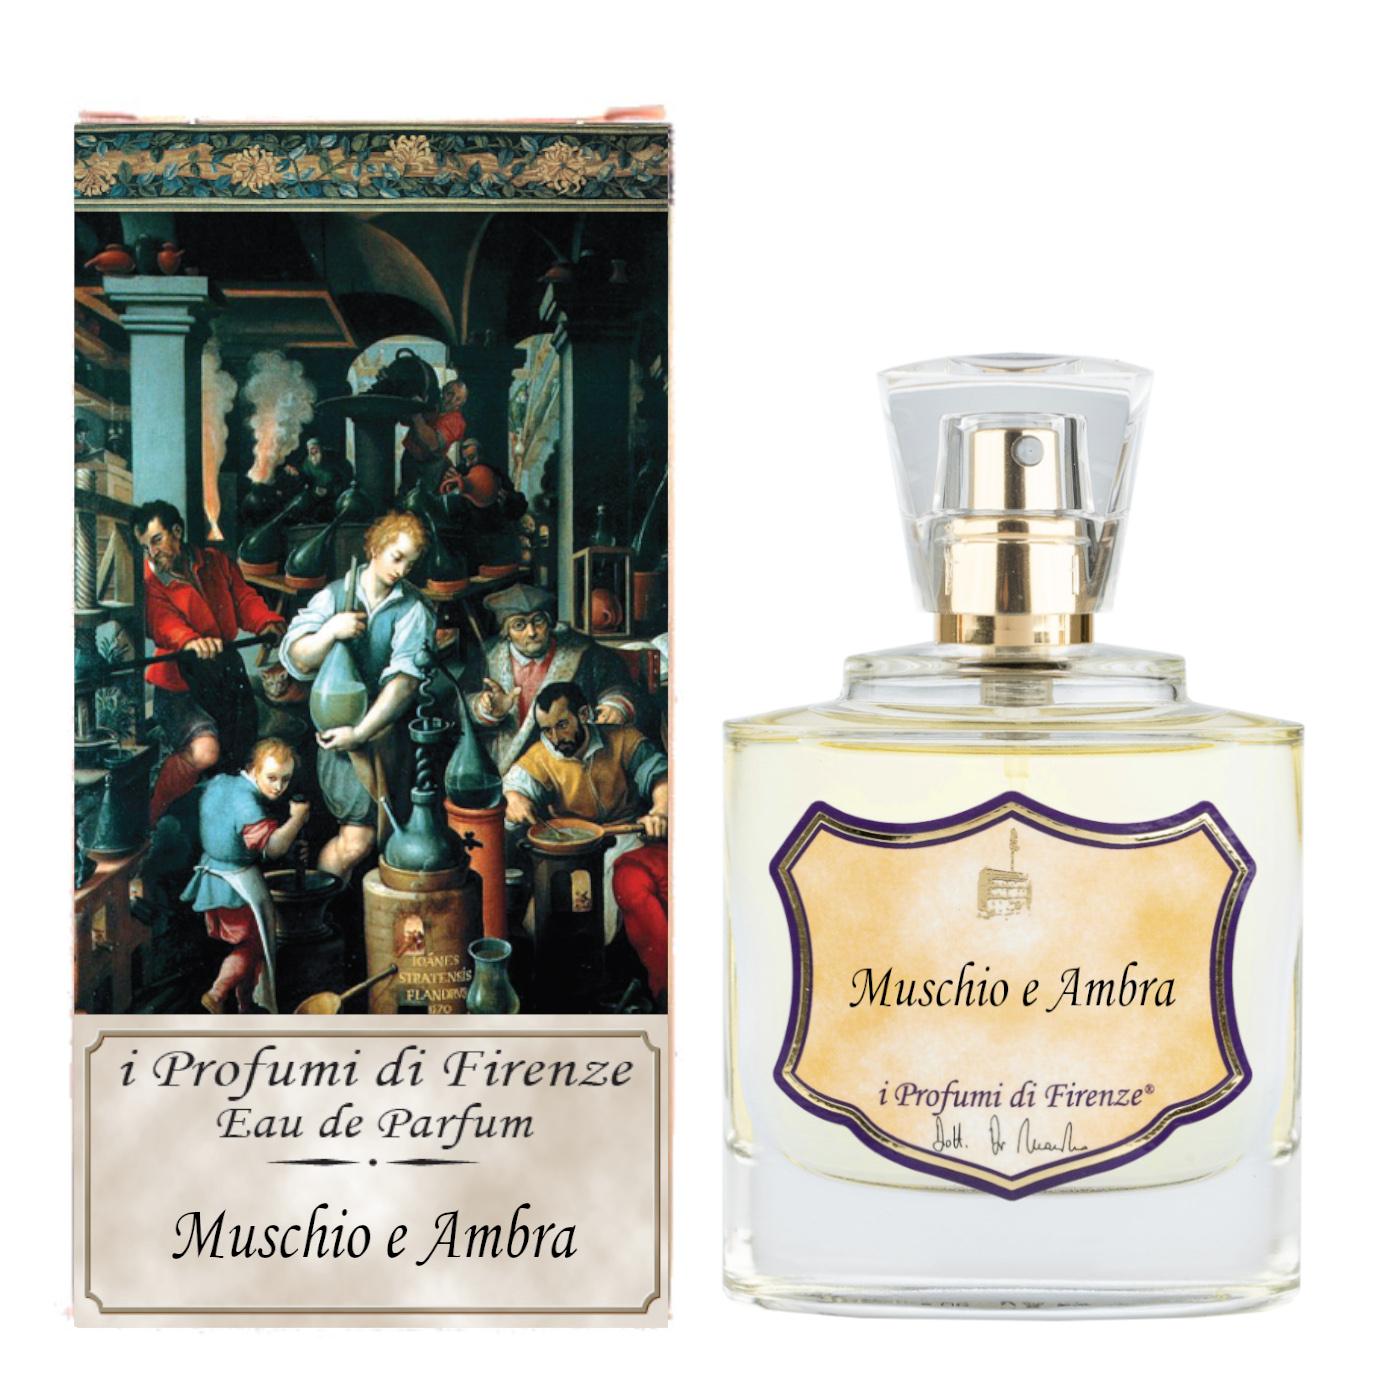 MUSCHIO E AMBRA - Eau de Parfum-4110